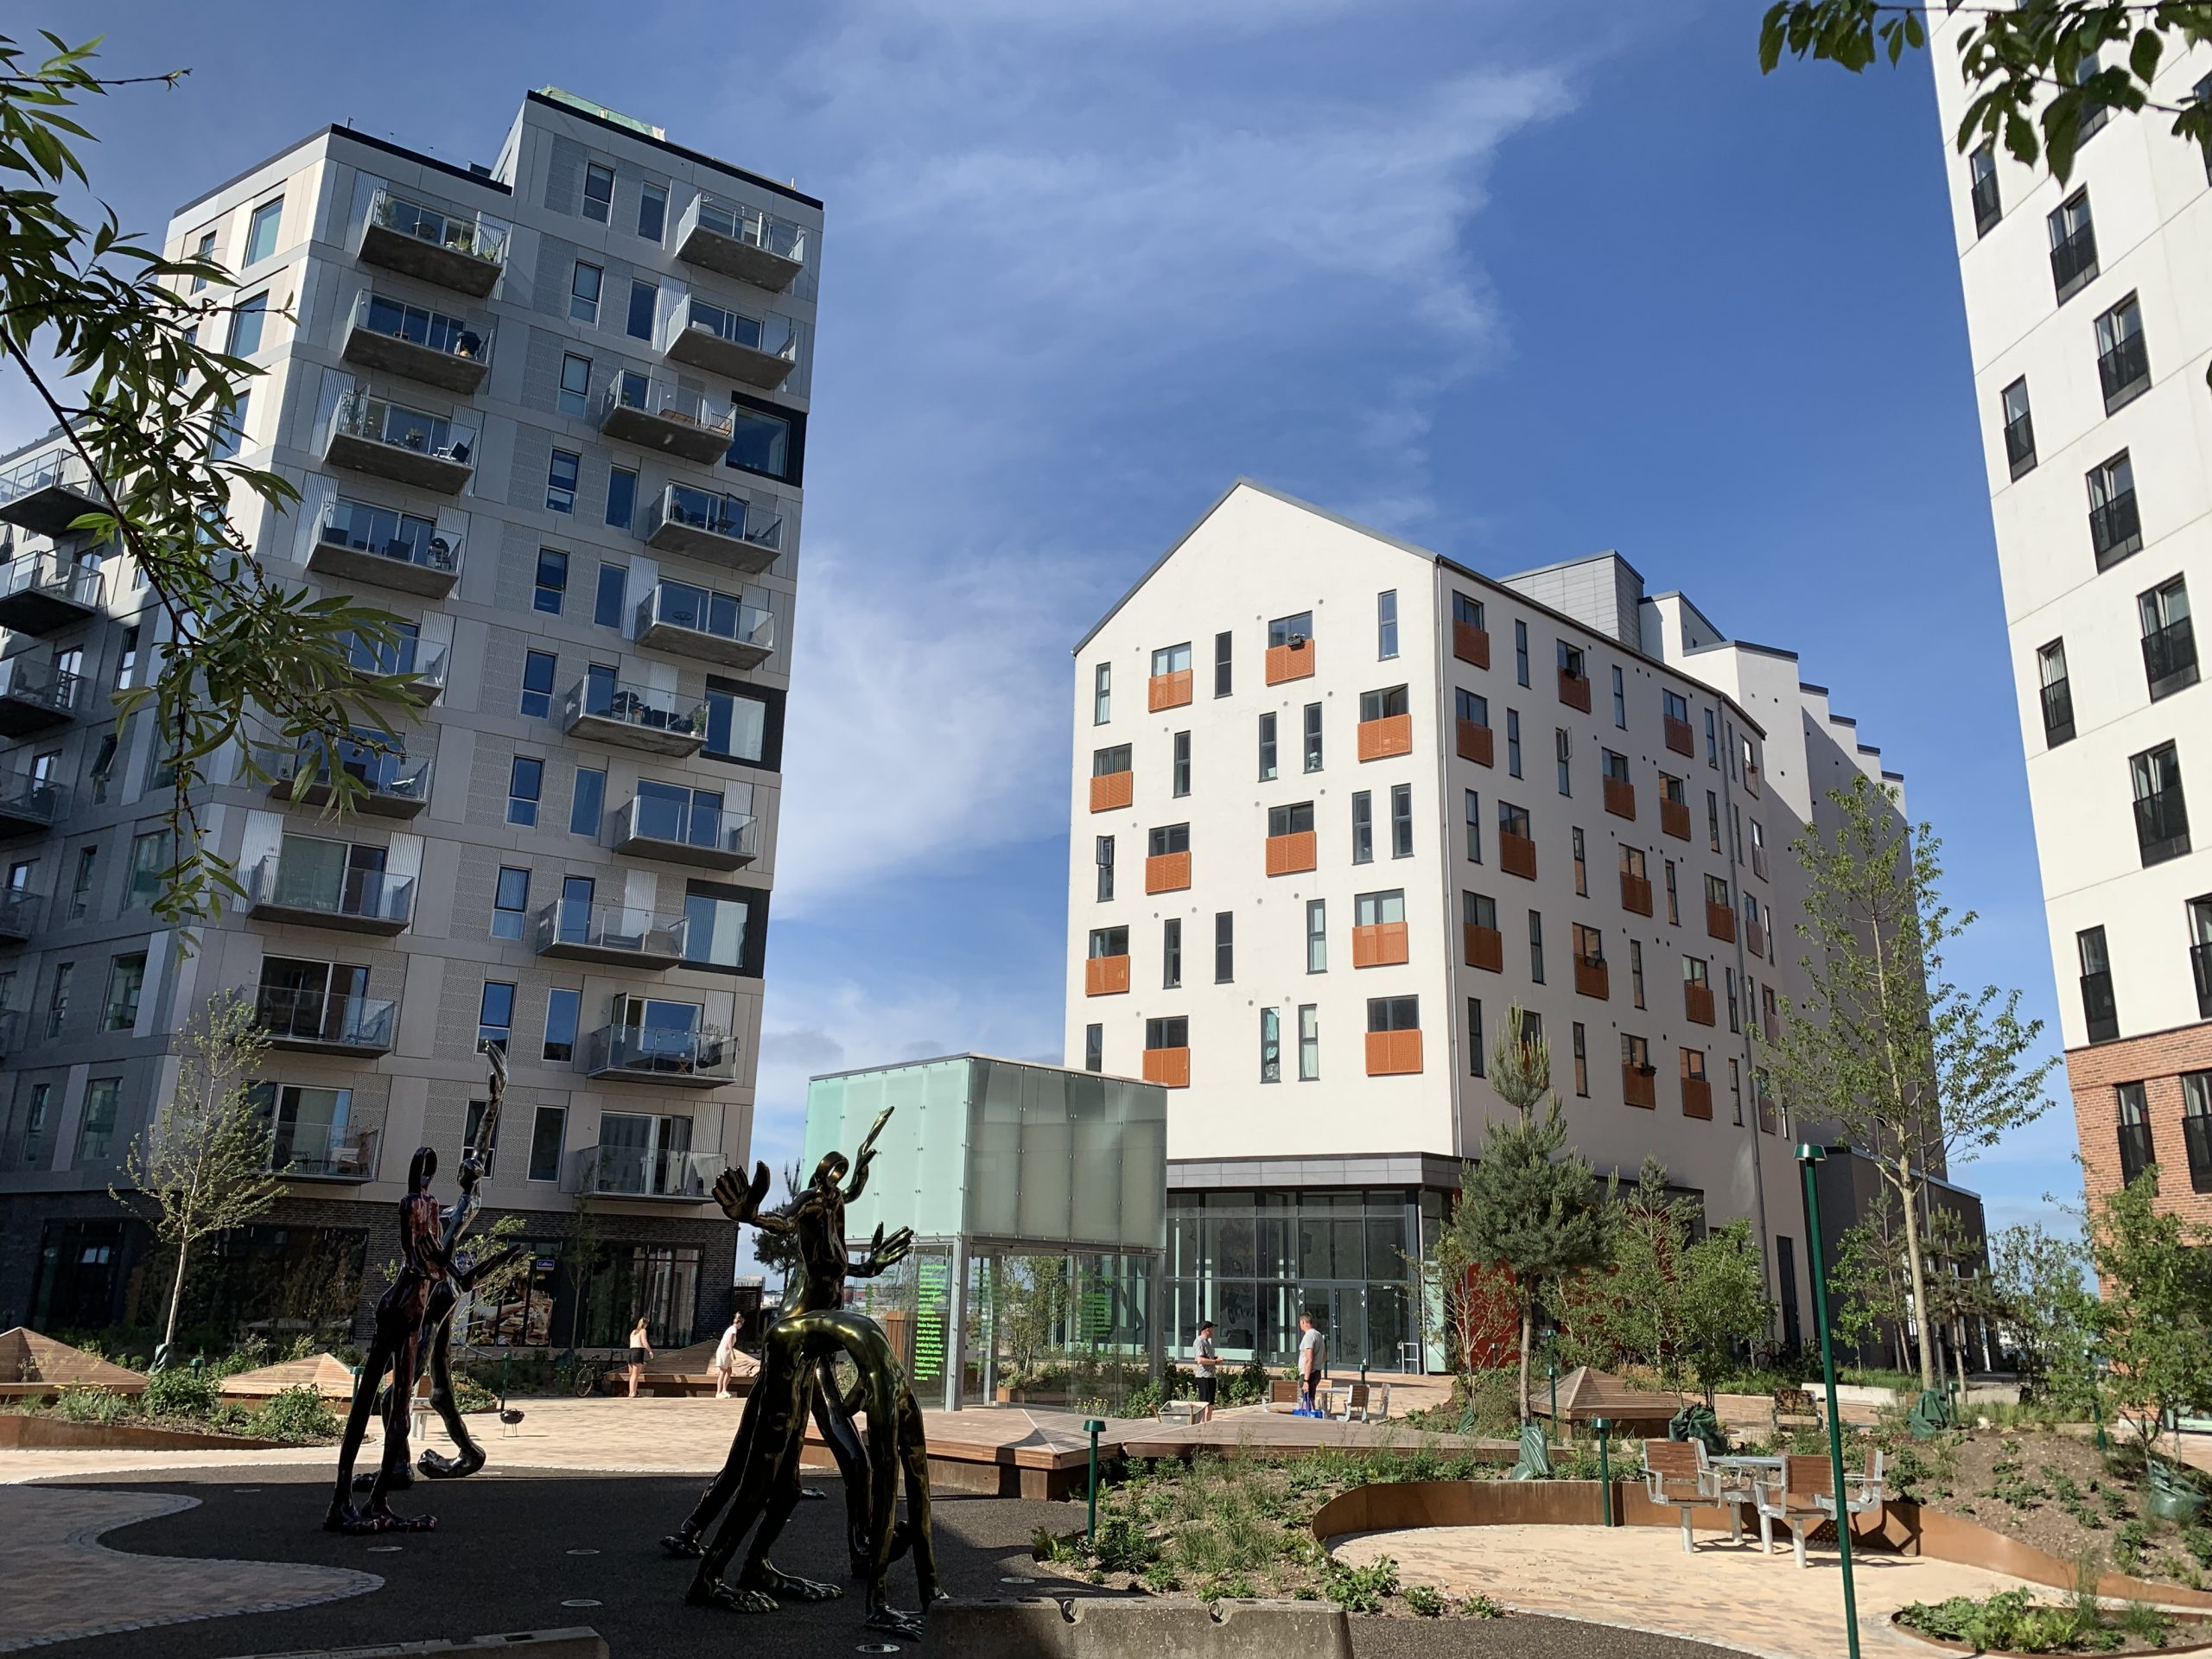 Nyt attraktivt område i Aalborg: Stjernepladsen indvies i denne uge